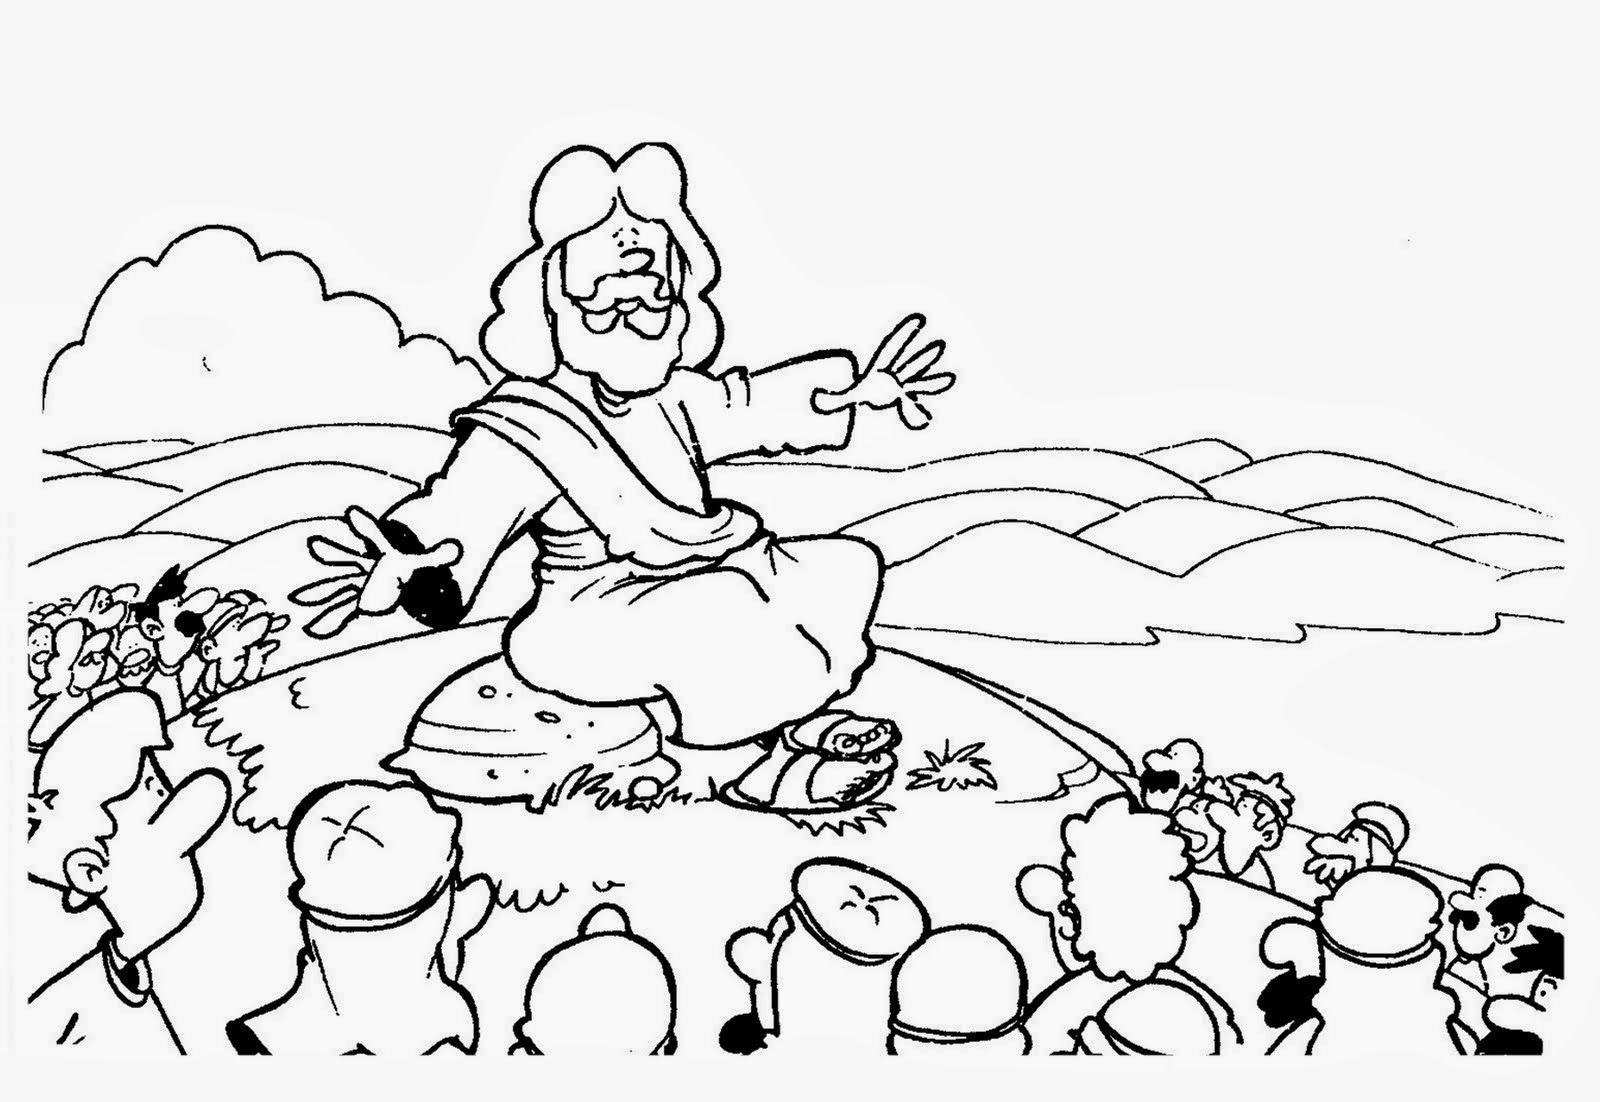 Me Aburre La Religion Jesus Camina Sobre El Mar Lecciones De La Escuela Dominical Paginas Para Colorear Dibujos